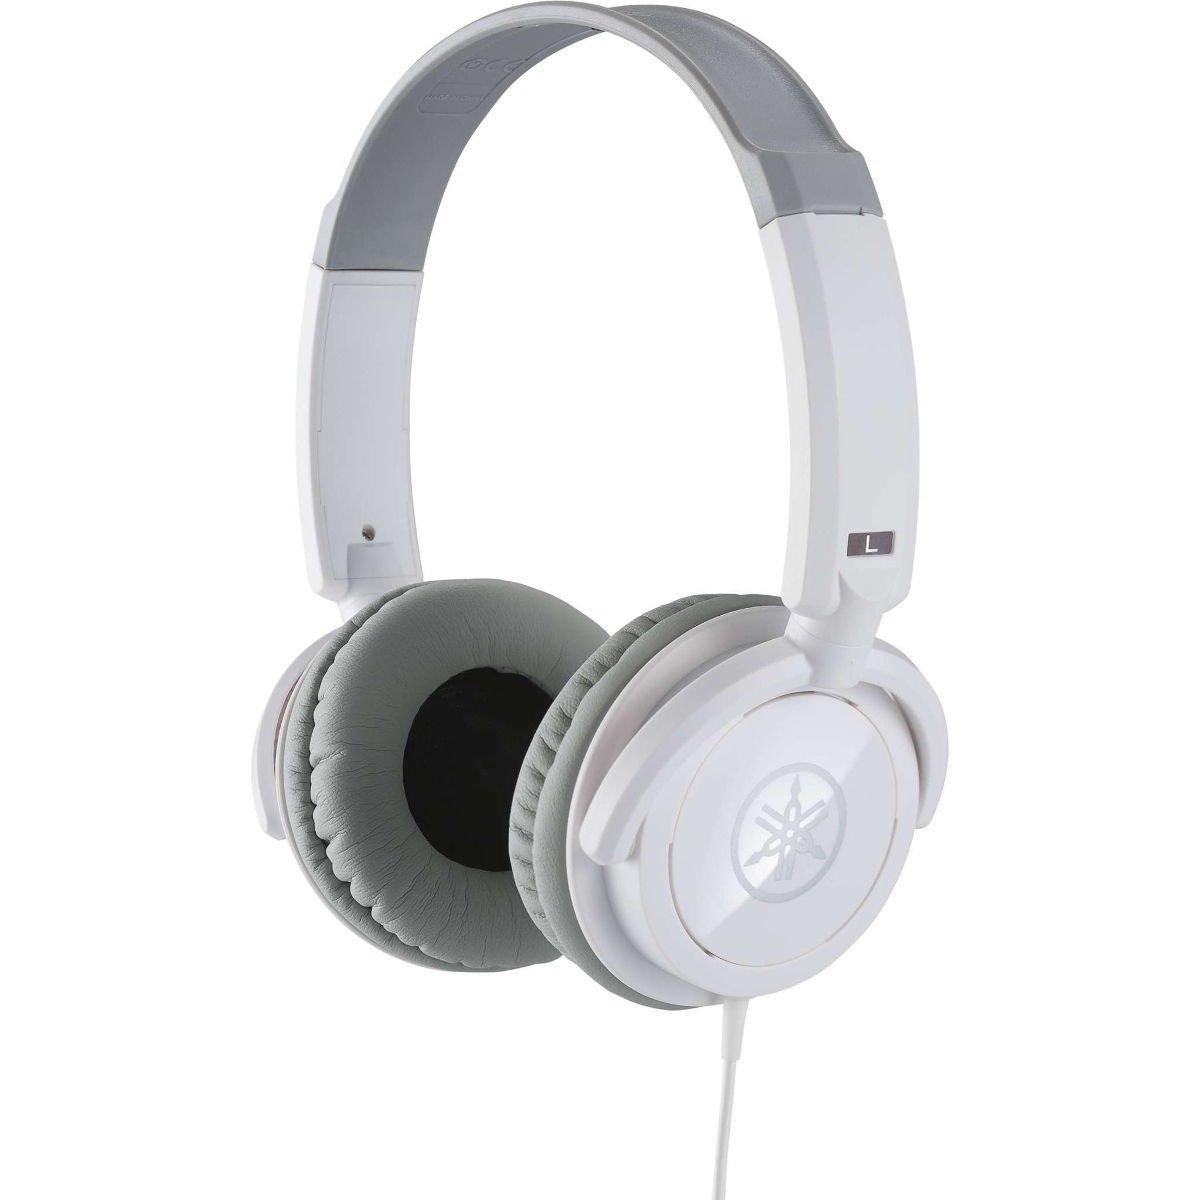 Image of   Yamaha HPH-100 Closed headphone, white